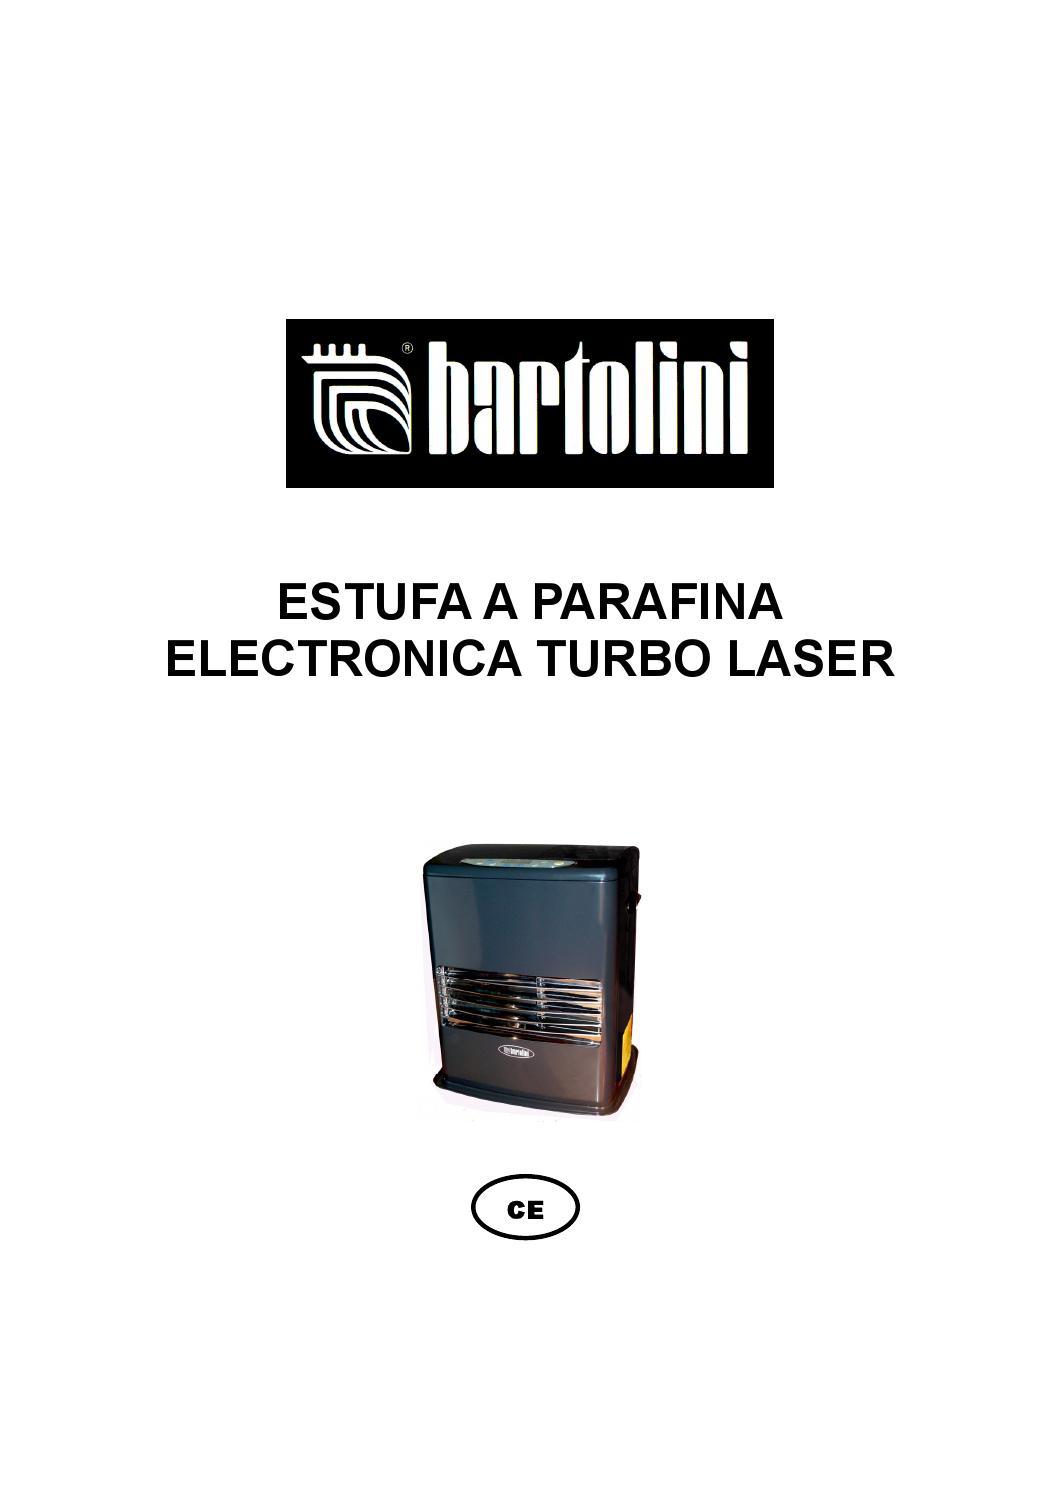 Manual bartolini takana airtek sensomed by carlos aburto - Estufa parafina electronica ...